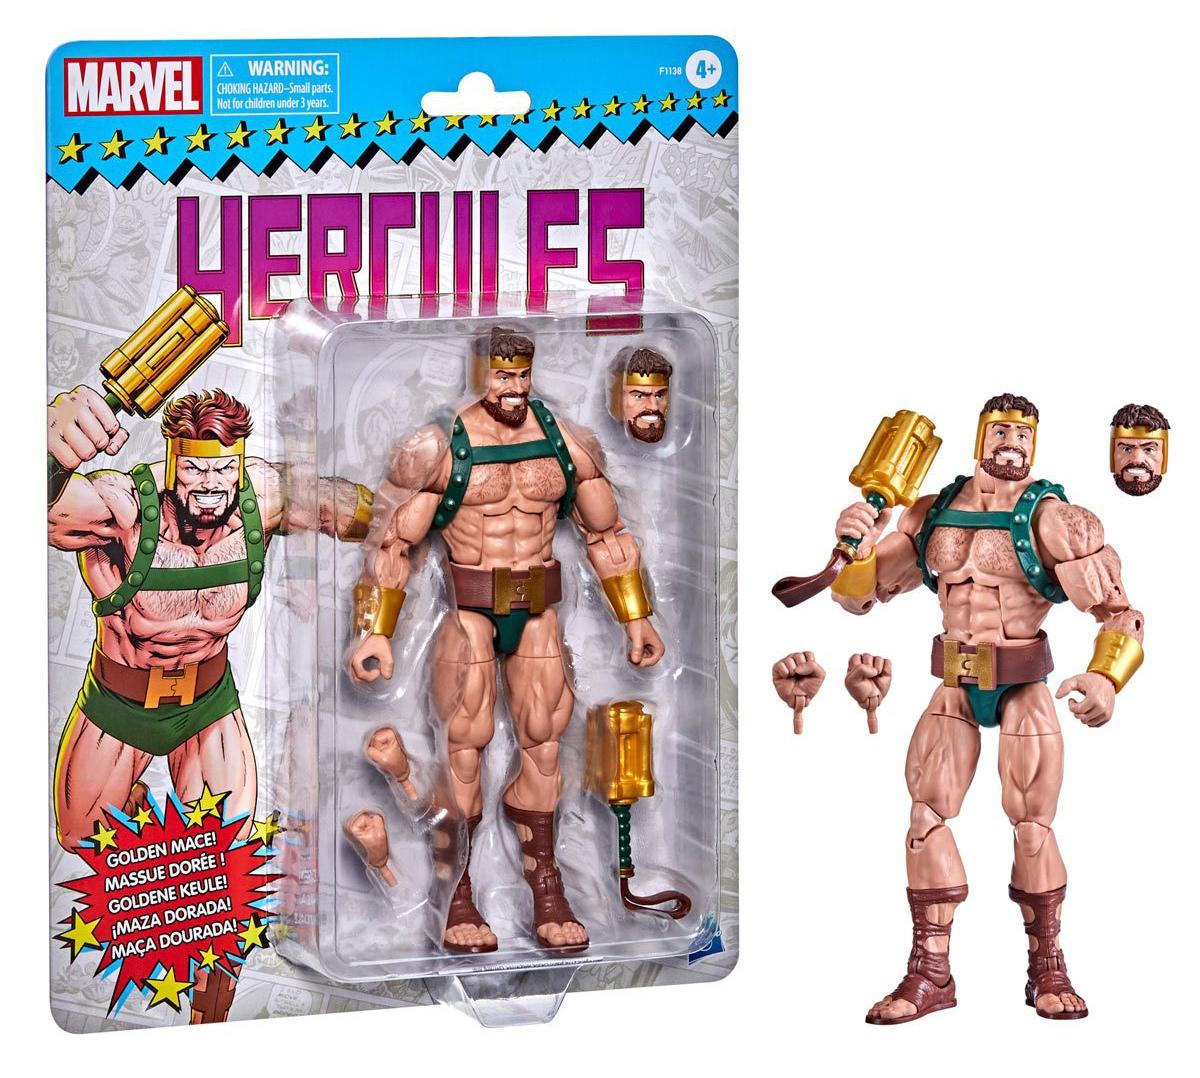 marvel-legends-hercules-action-figure-4